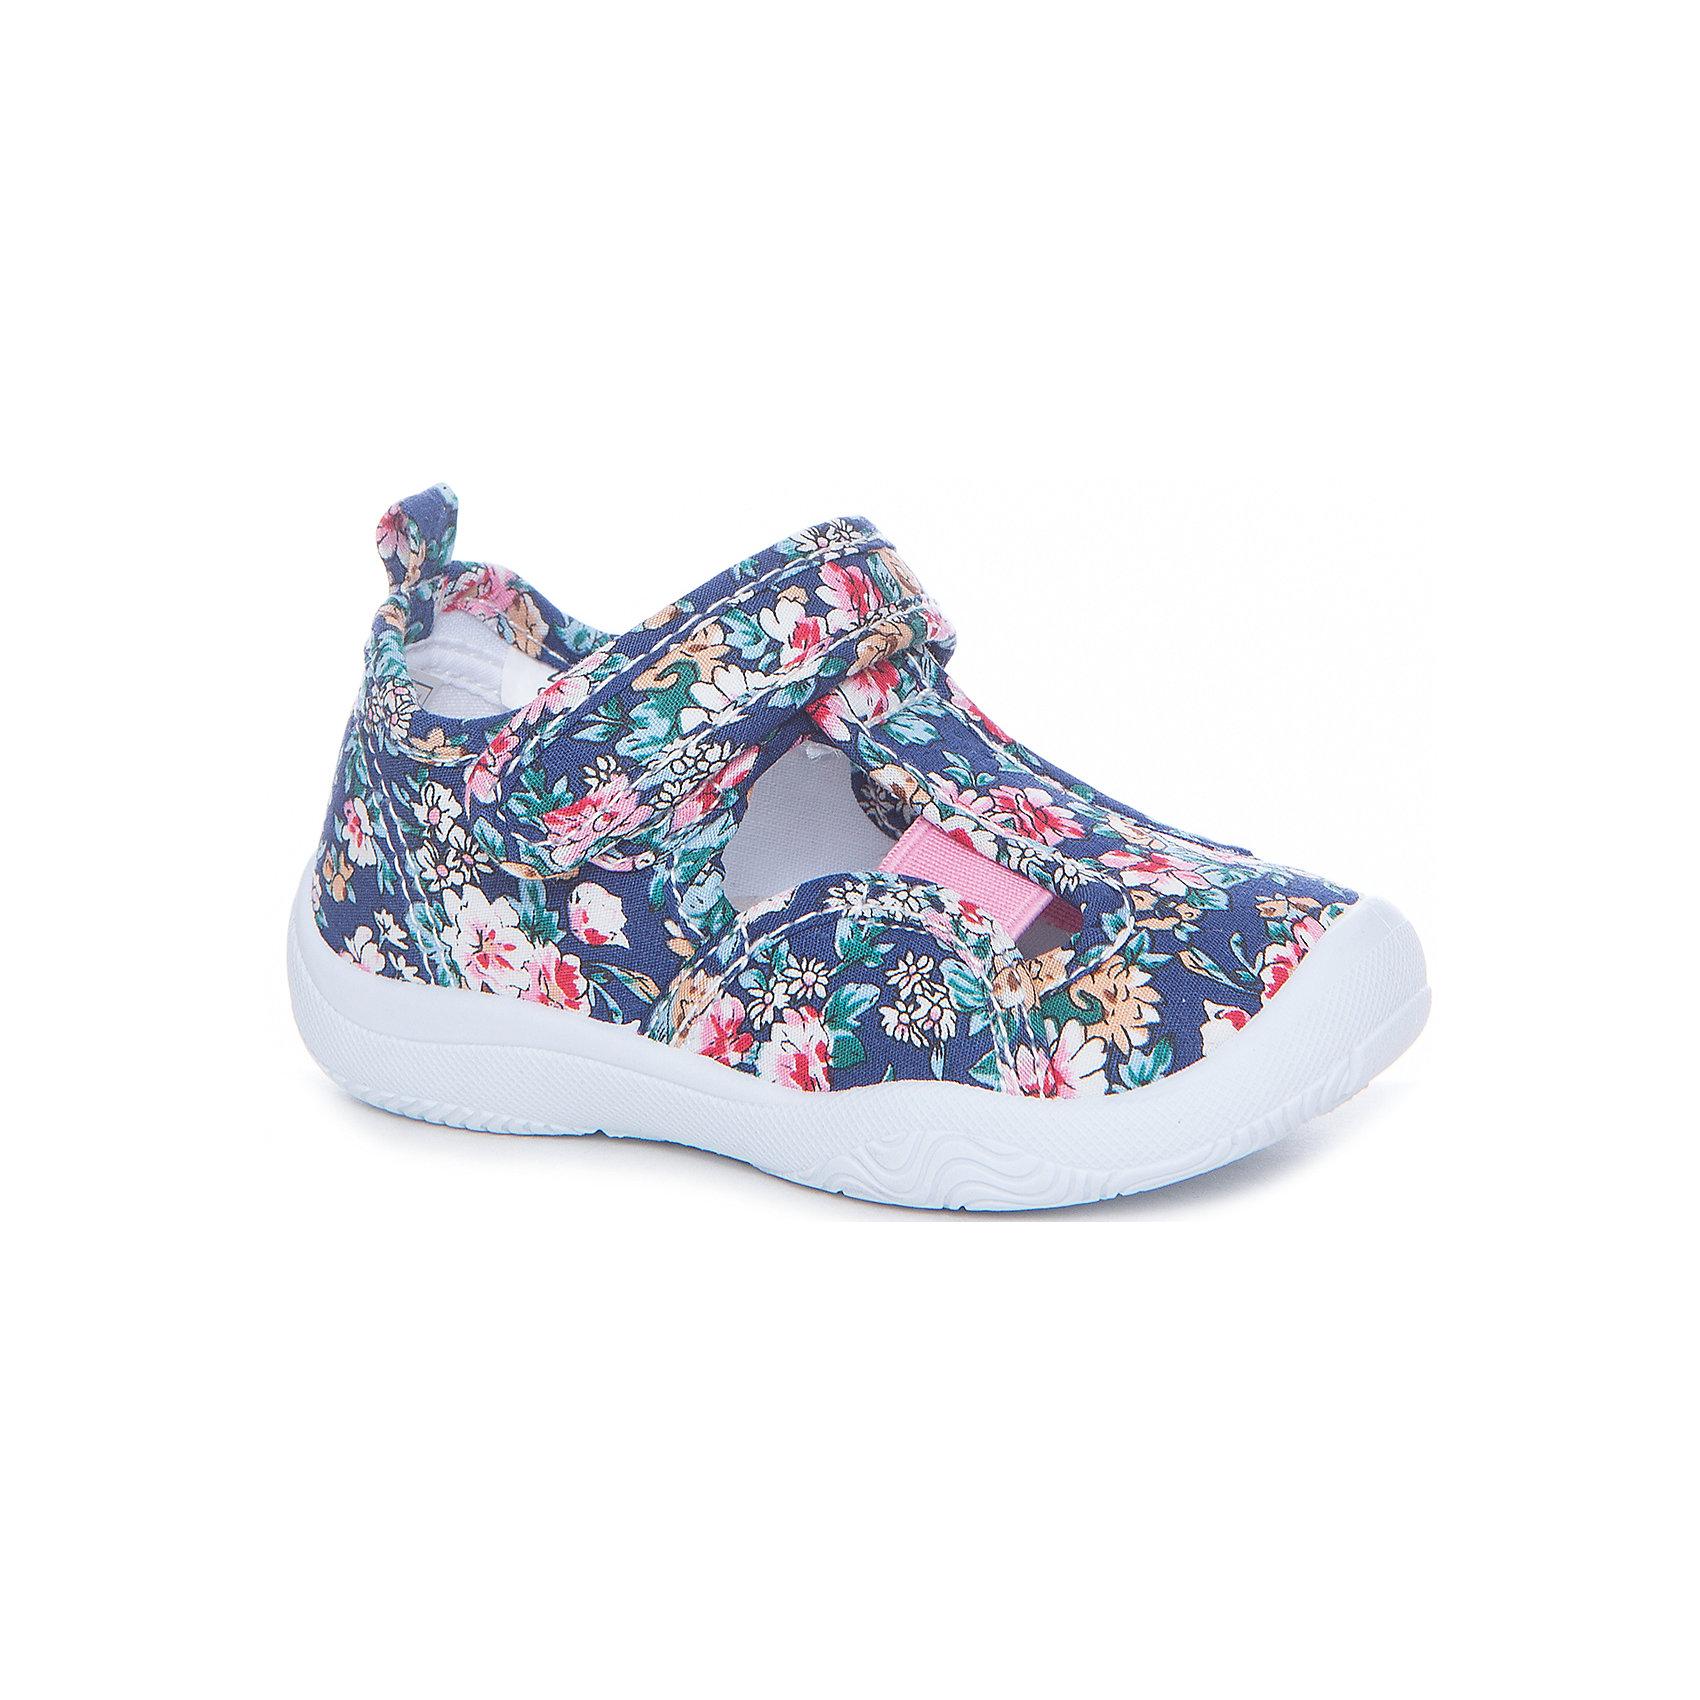 Текстильная обувь Mursu для девочкиОбувь<br>Характеристики товара:<br><br>• цвет: синий<br>• материал верха: текстиль<br>• подклад: текстиль<br>• стелька: натуральная кожа<br>• подошва: ПВХ<br>• сезон: круглый год<br>• особенности модели: спортивный стиль<br>• застежка: резинка<br>• защита мыса<br>• анатомические <br>• страна бренда: Финляндия<br>• страна изготовитель: Китай<br><br>Текстильную обувь Mursu можно использовать как сменную в детском саду, так и для прогулок в сухую погоду. Удобная форма позволяет быстро надеть и снять обувь. <br><br> Качественные материалы обеспечивают комфортные условия для ног. Универсальный цвет подходит практически под любой наряд.<br>Обувь Мурсу - это качественная финская продукция, которая помогает детям выглядеть модно и чувствовать себя удобно.<br><br>Текстильную обувь для девочки Mursu можно купить в нашем интернет-магазине.<br><br>Ширина мм: 227<br>Глубина мм: 145<br>Высота мм: 124<br>Вес г: 325<br>Цвет: розовый<br>Возраст от месяцев: 12<br>Возраст до месяцев: 15<br>Пол: Женский<br>Возраст: Детский<br>Размер: 21,26,22,23,24,25<br>SKU: 6852045